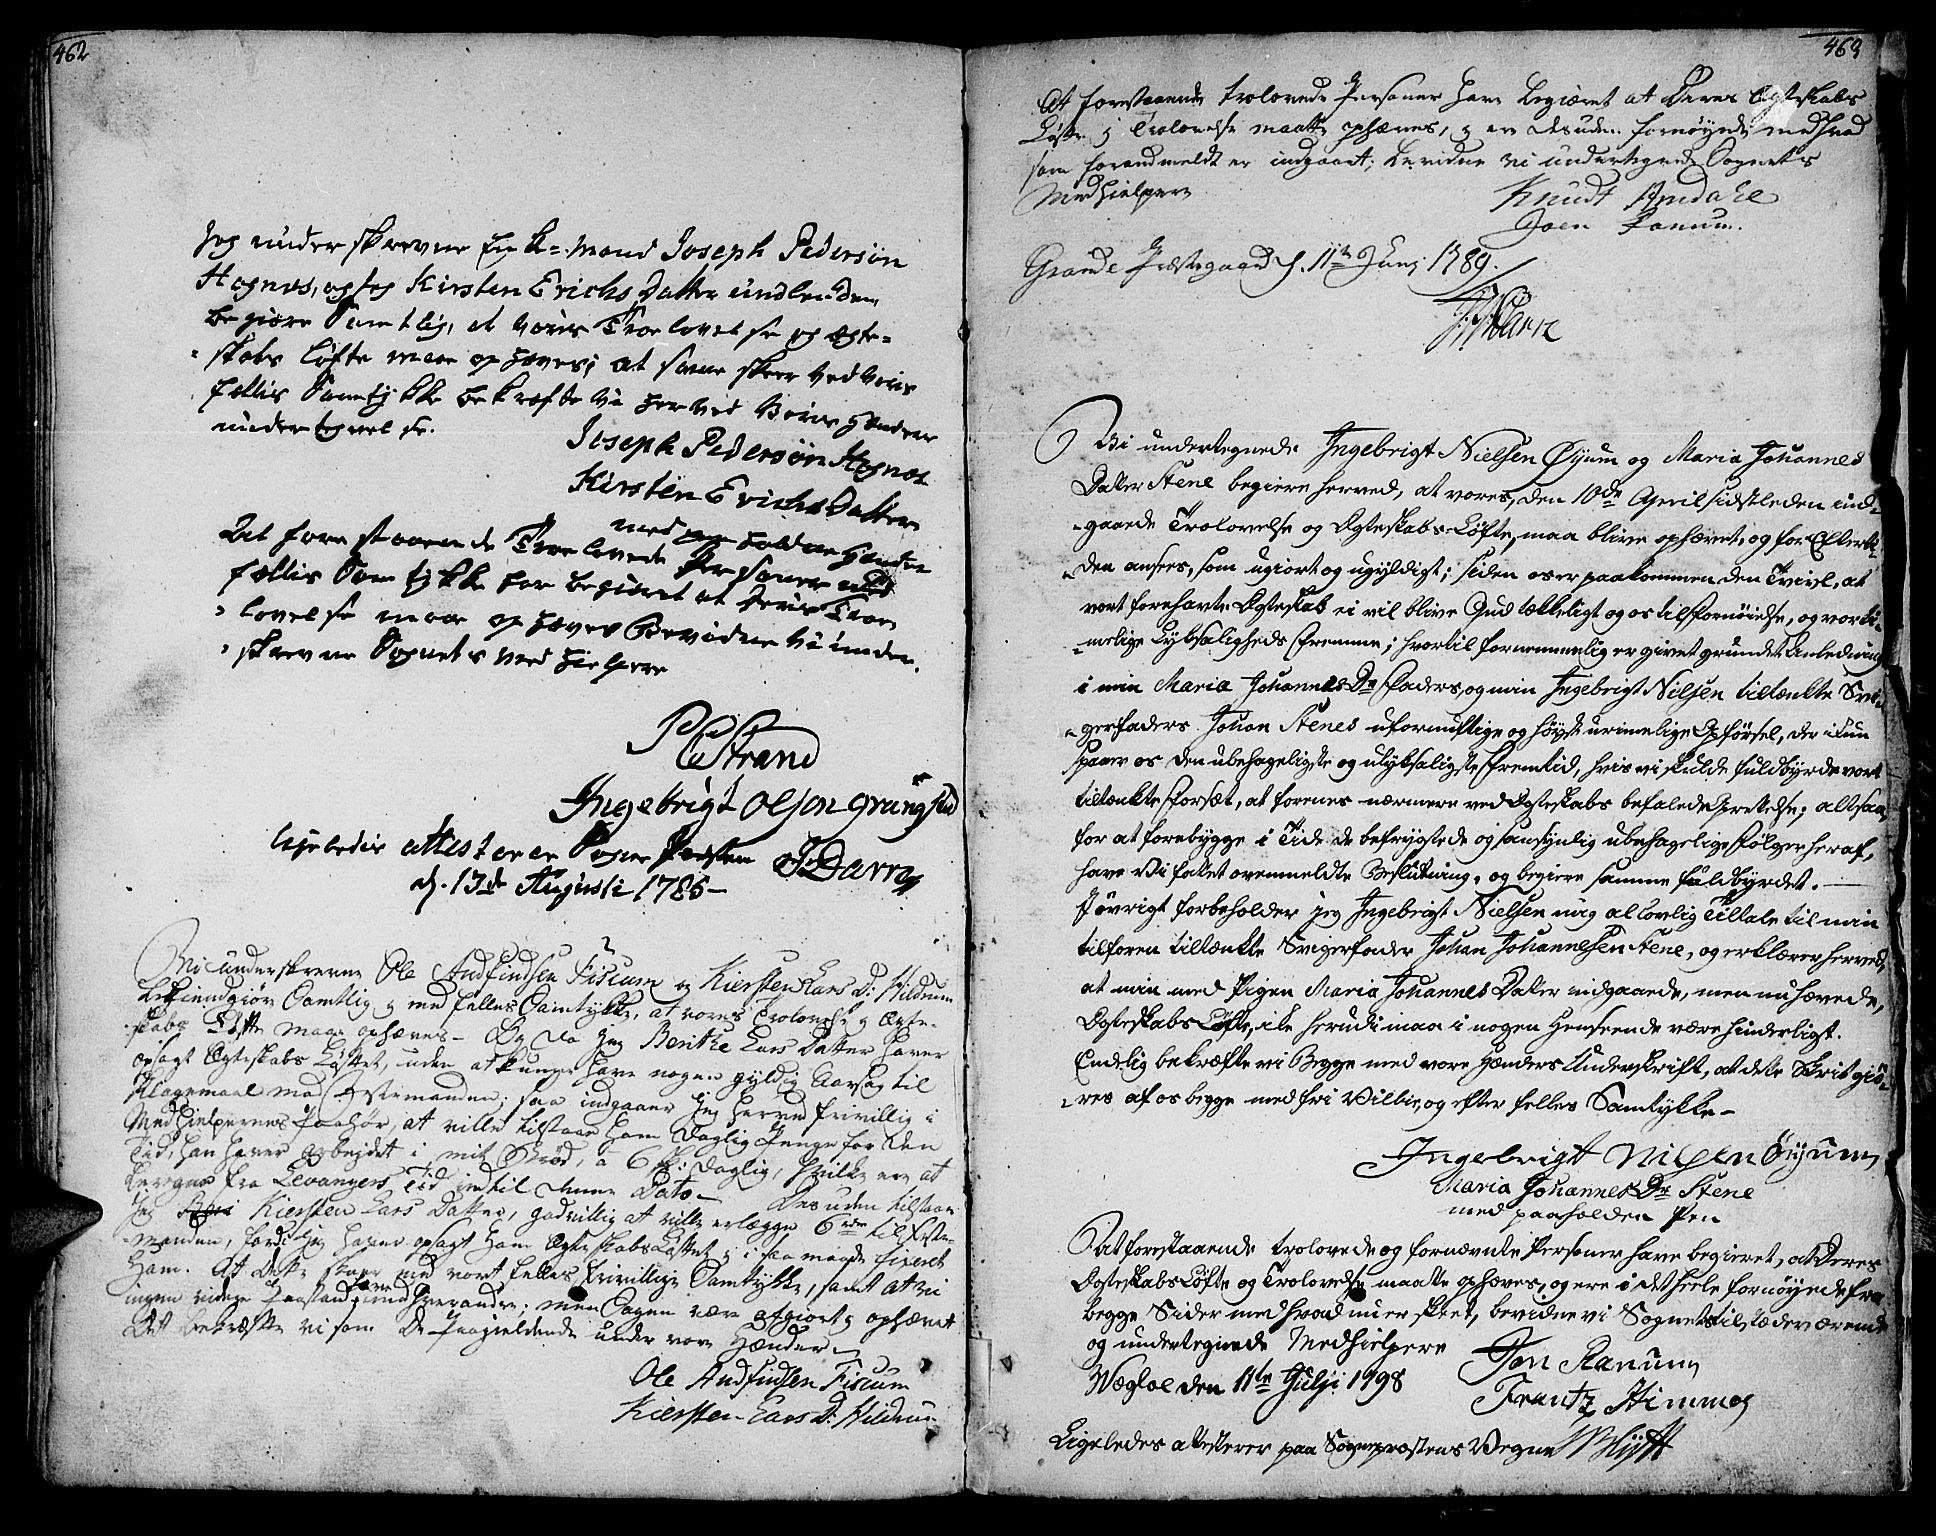 SAT, Ministerialprotokoller, klokkerbøker og fødselsregistre - Nord-Trøndelag, 764/L0544: Ministerialbok nr. 764A04, 1780-1798, s. 462-463